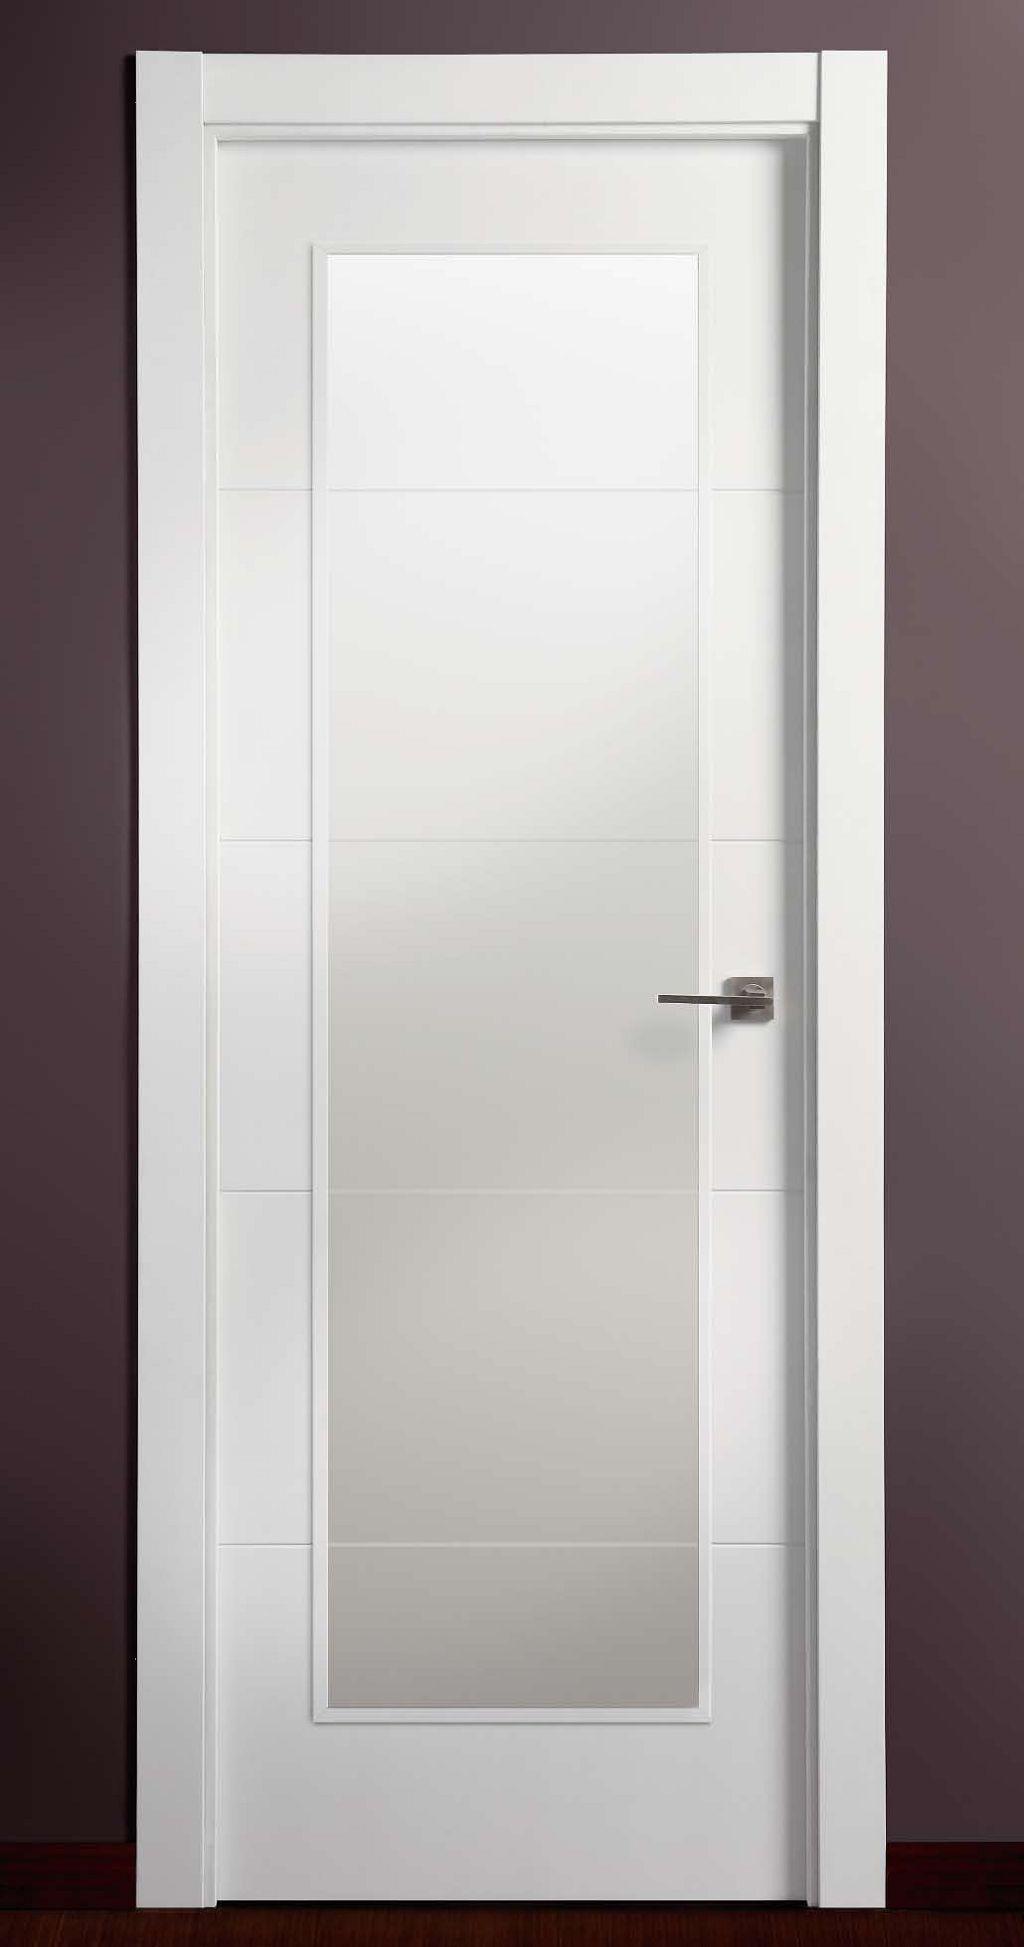 Vidriera lacada en blanco 4 ranuras productos de puertas - Puerta lacada en blanco ...